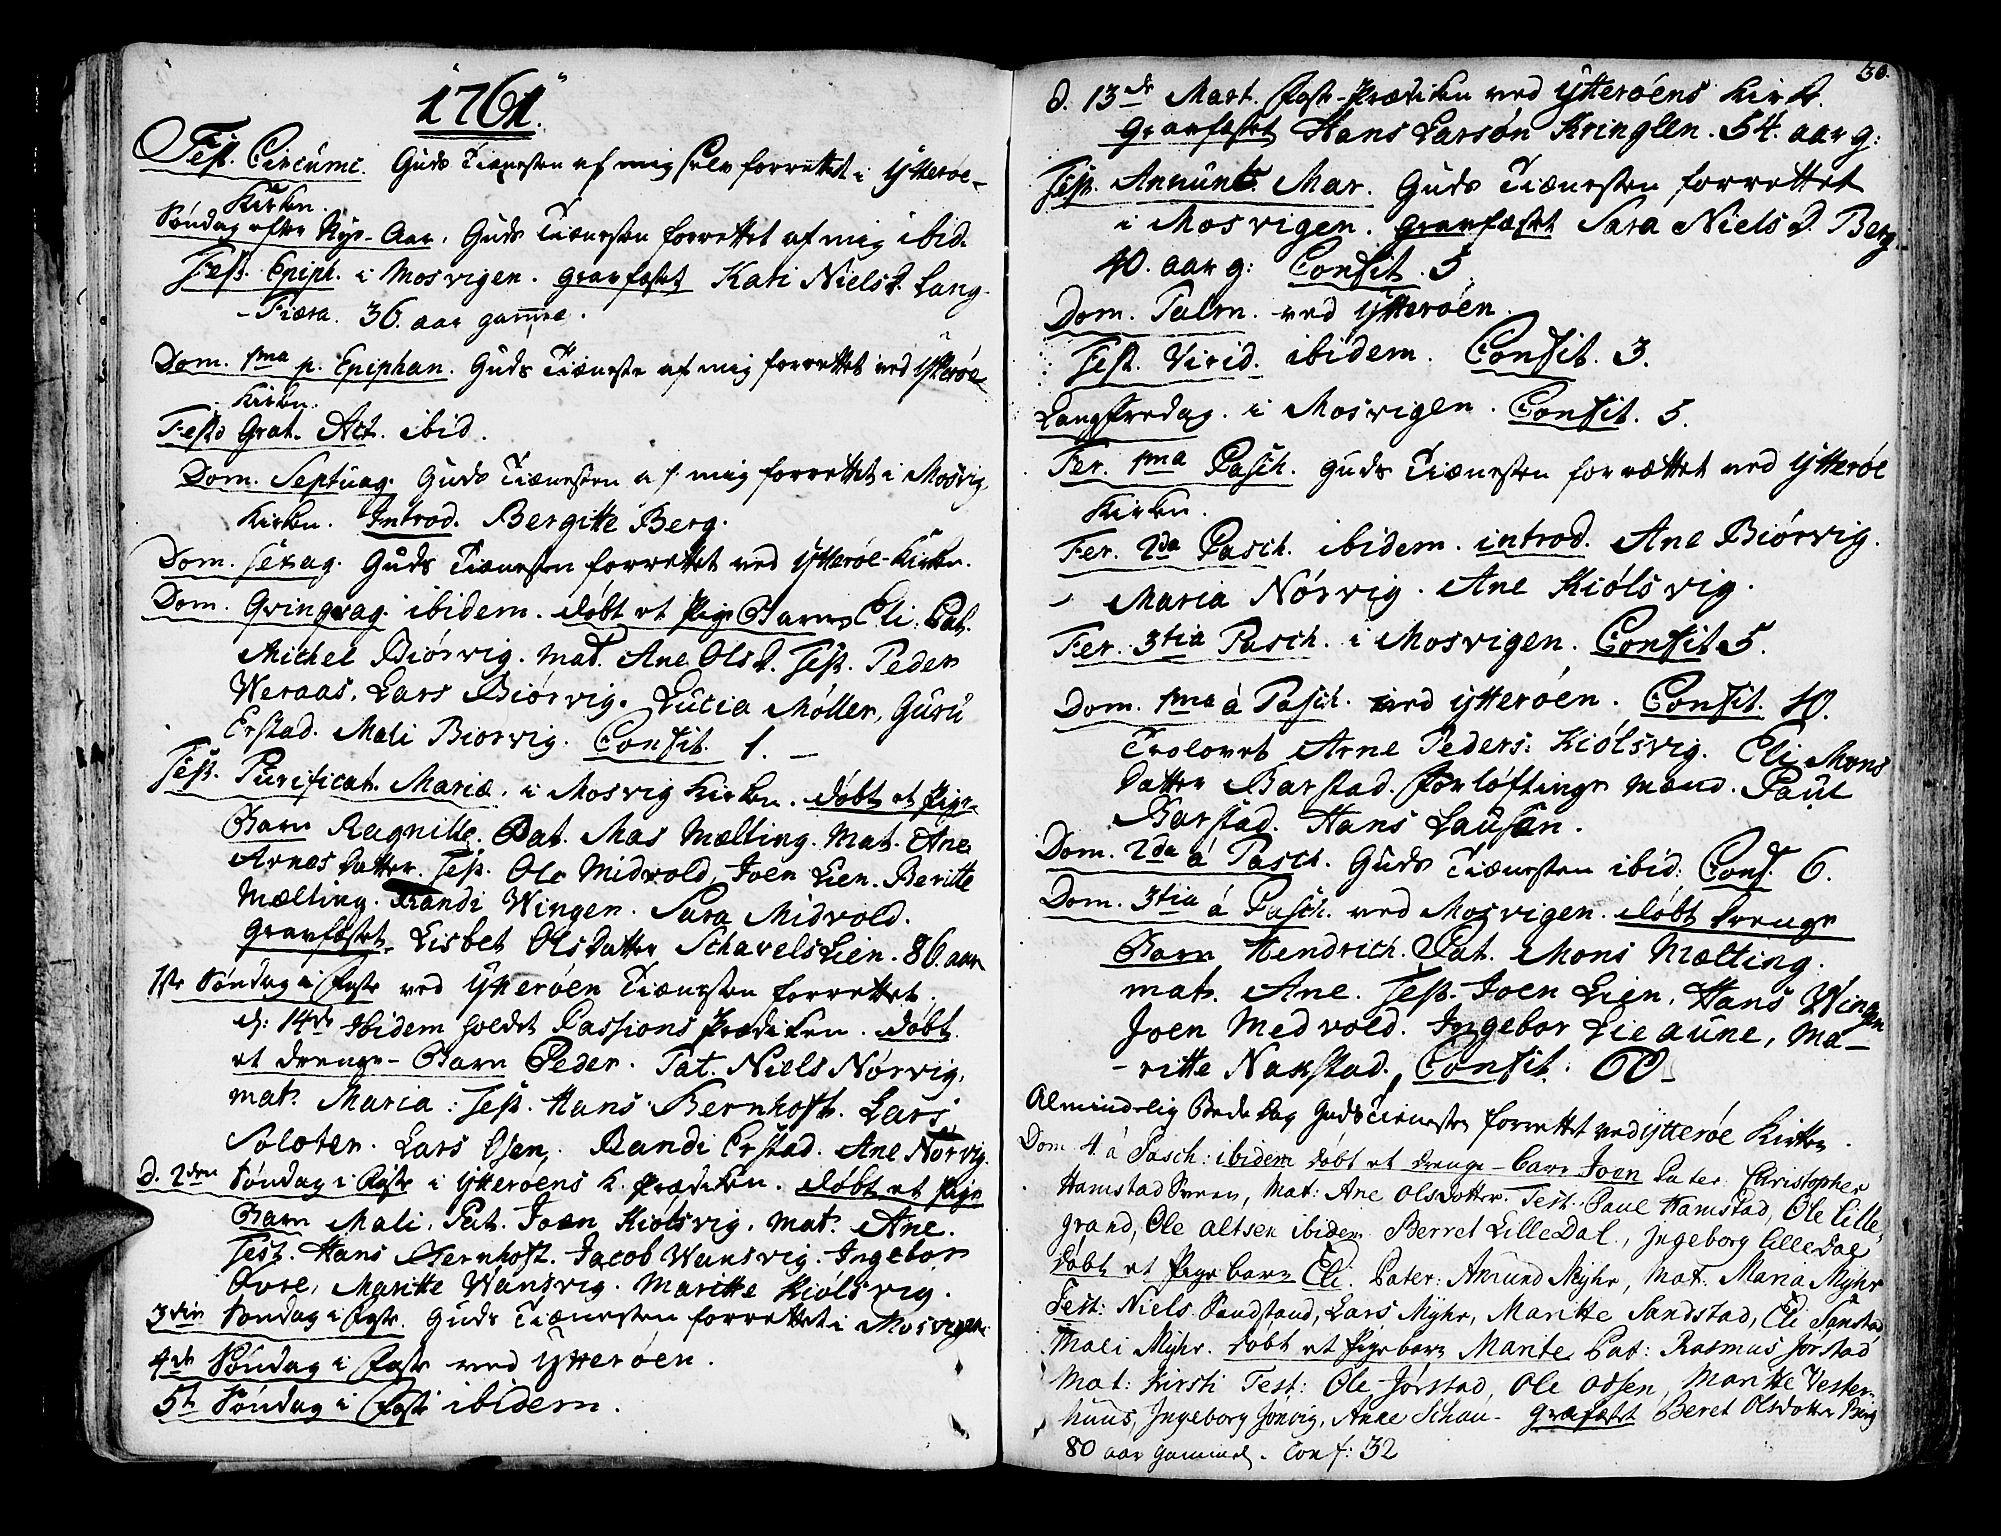 SAT, Ministerialprotokoller, klokkerbøker og fødselsregistre - Nord-Trøndelag, 722/L0216: Ministerialbok nr. 722A03, 1756-1816, s. 30